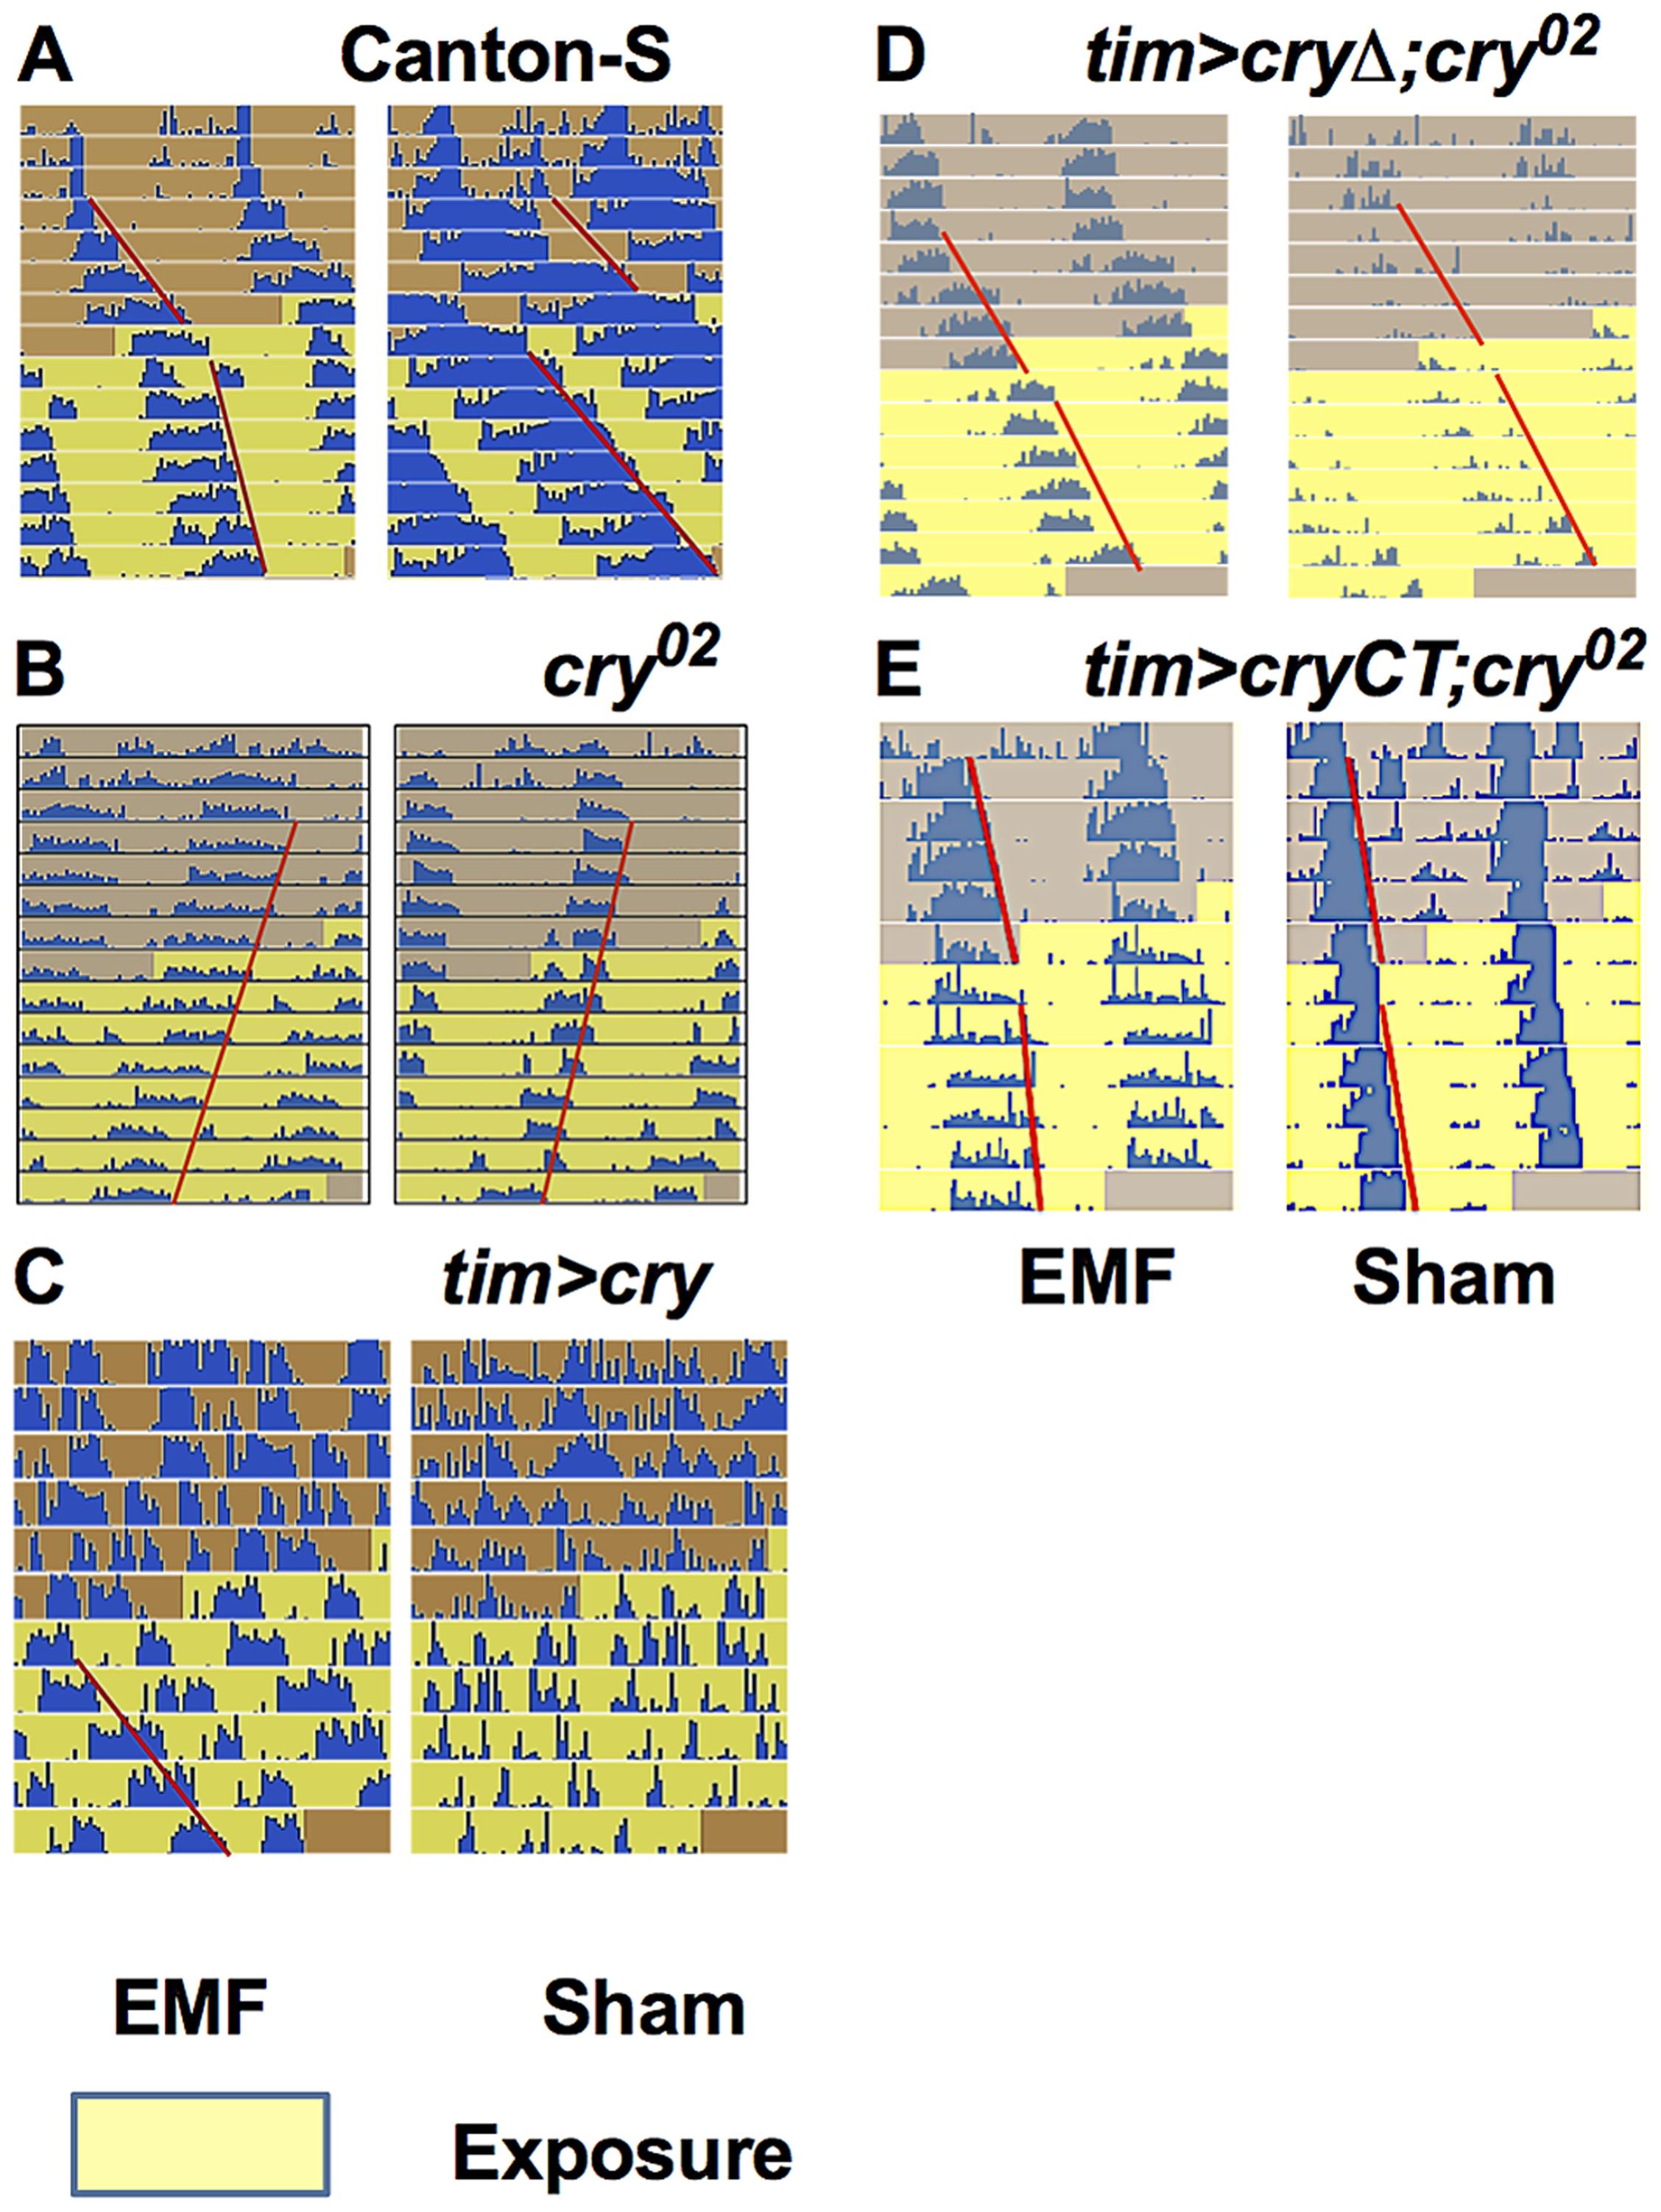 EMF exposure shortens circadian period.